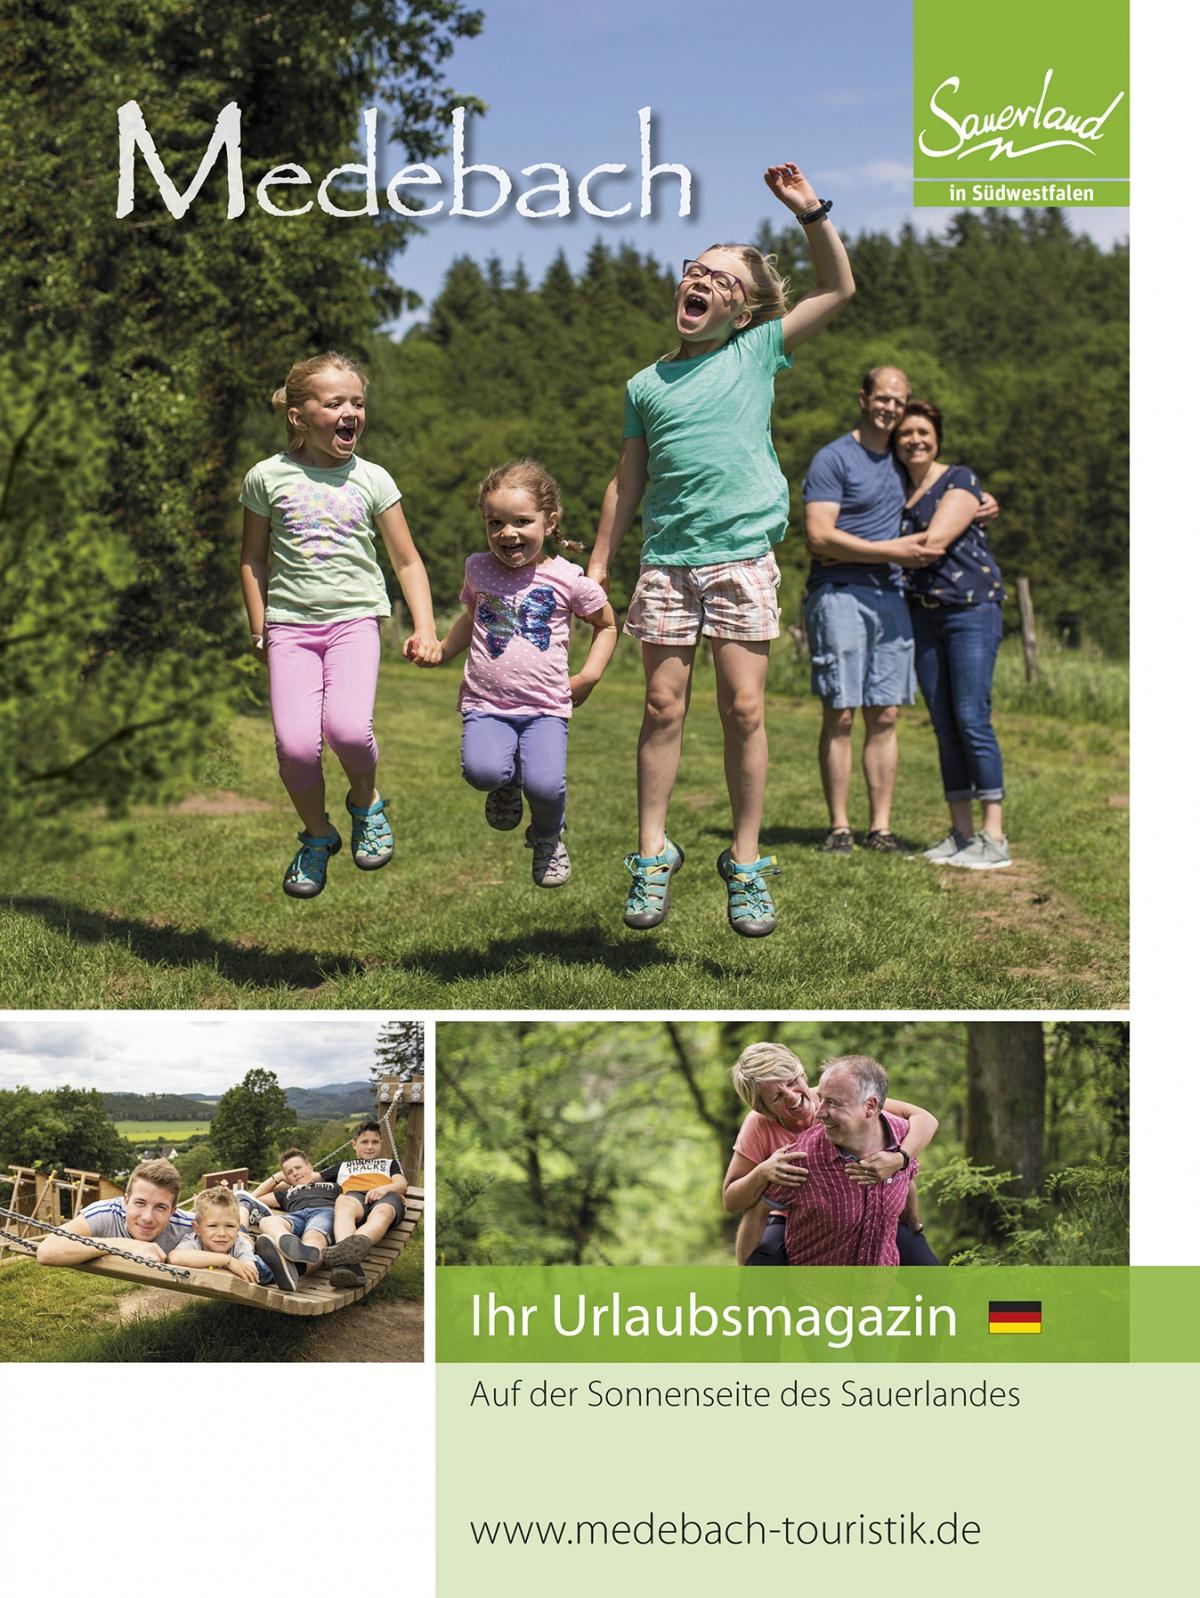 Neues Medebacher Urlaubsmagazin erschienen